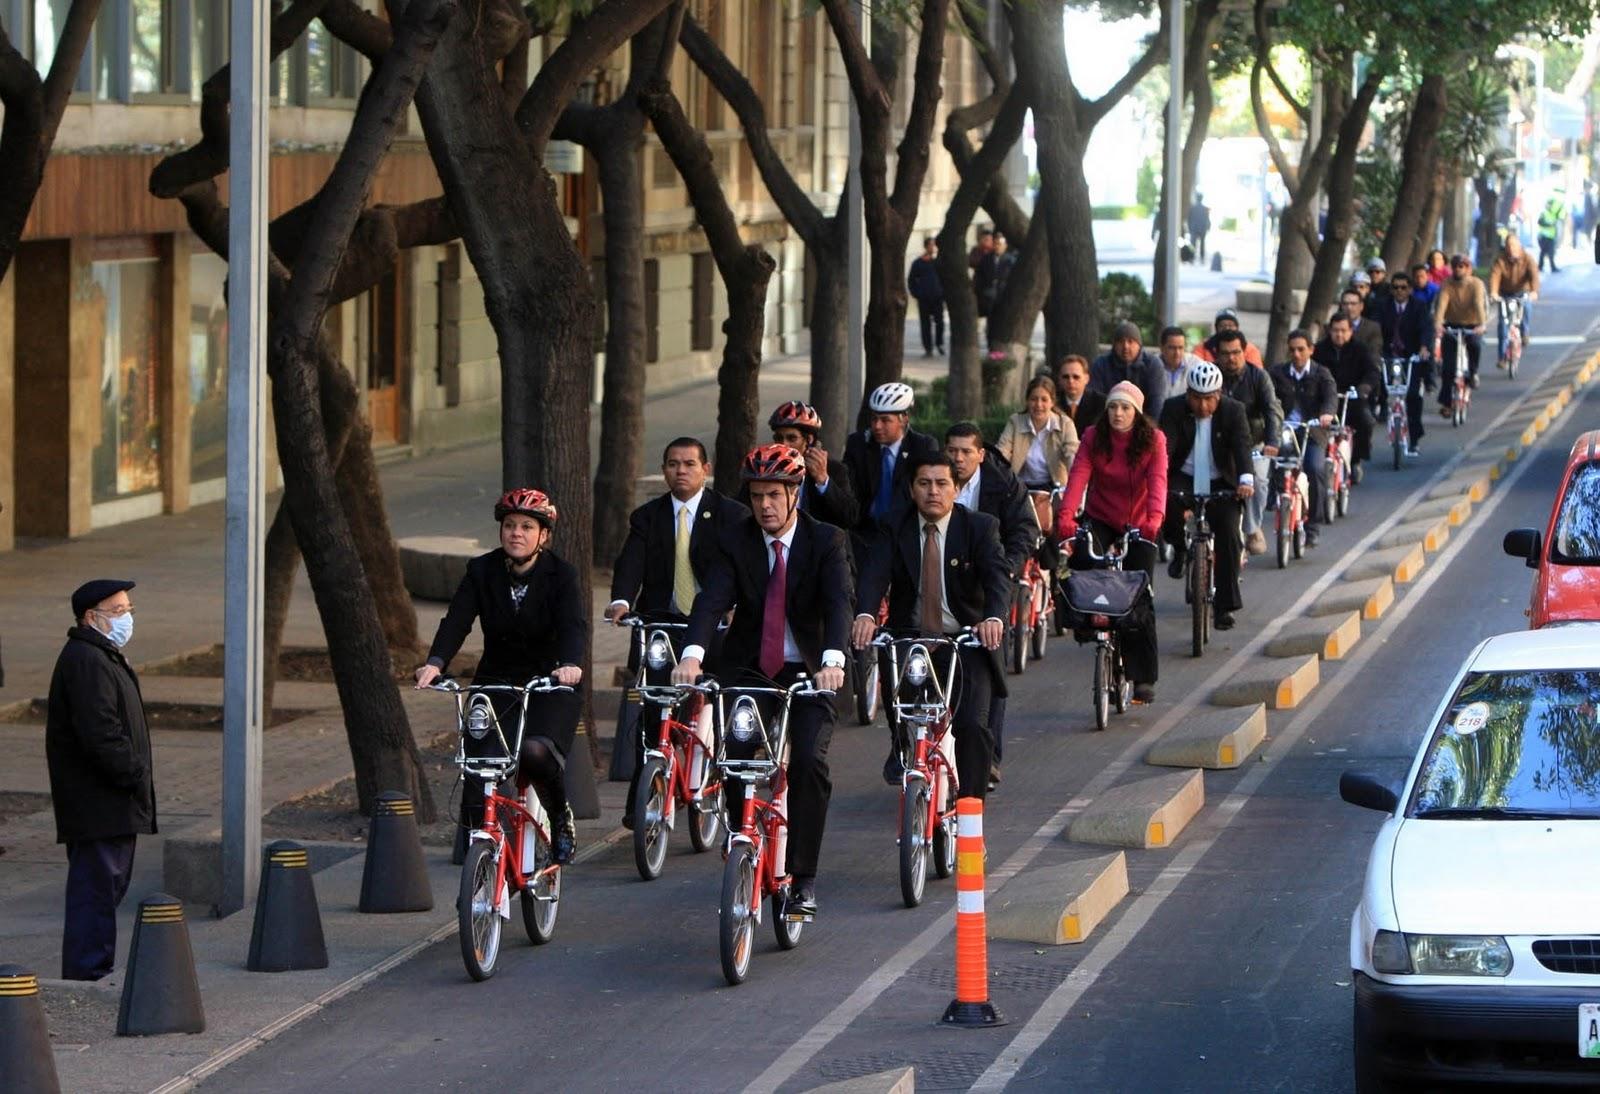 Ciclovía del Paseo de Reforma. México DF. Fotografía: Ebrard Delgado.